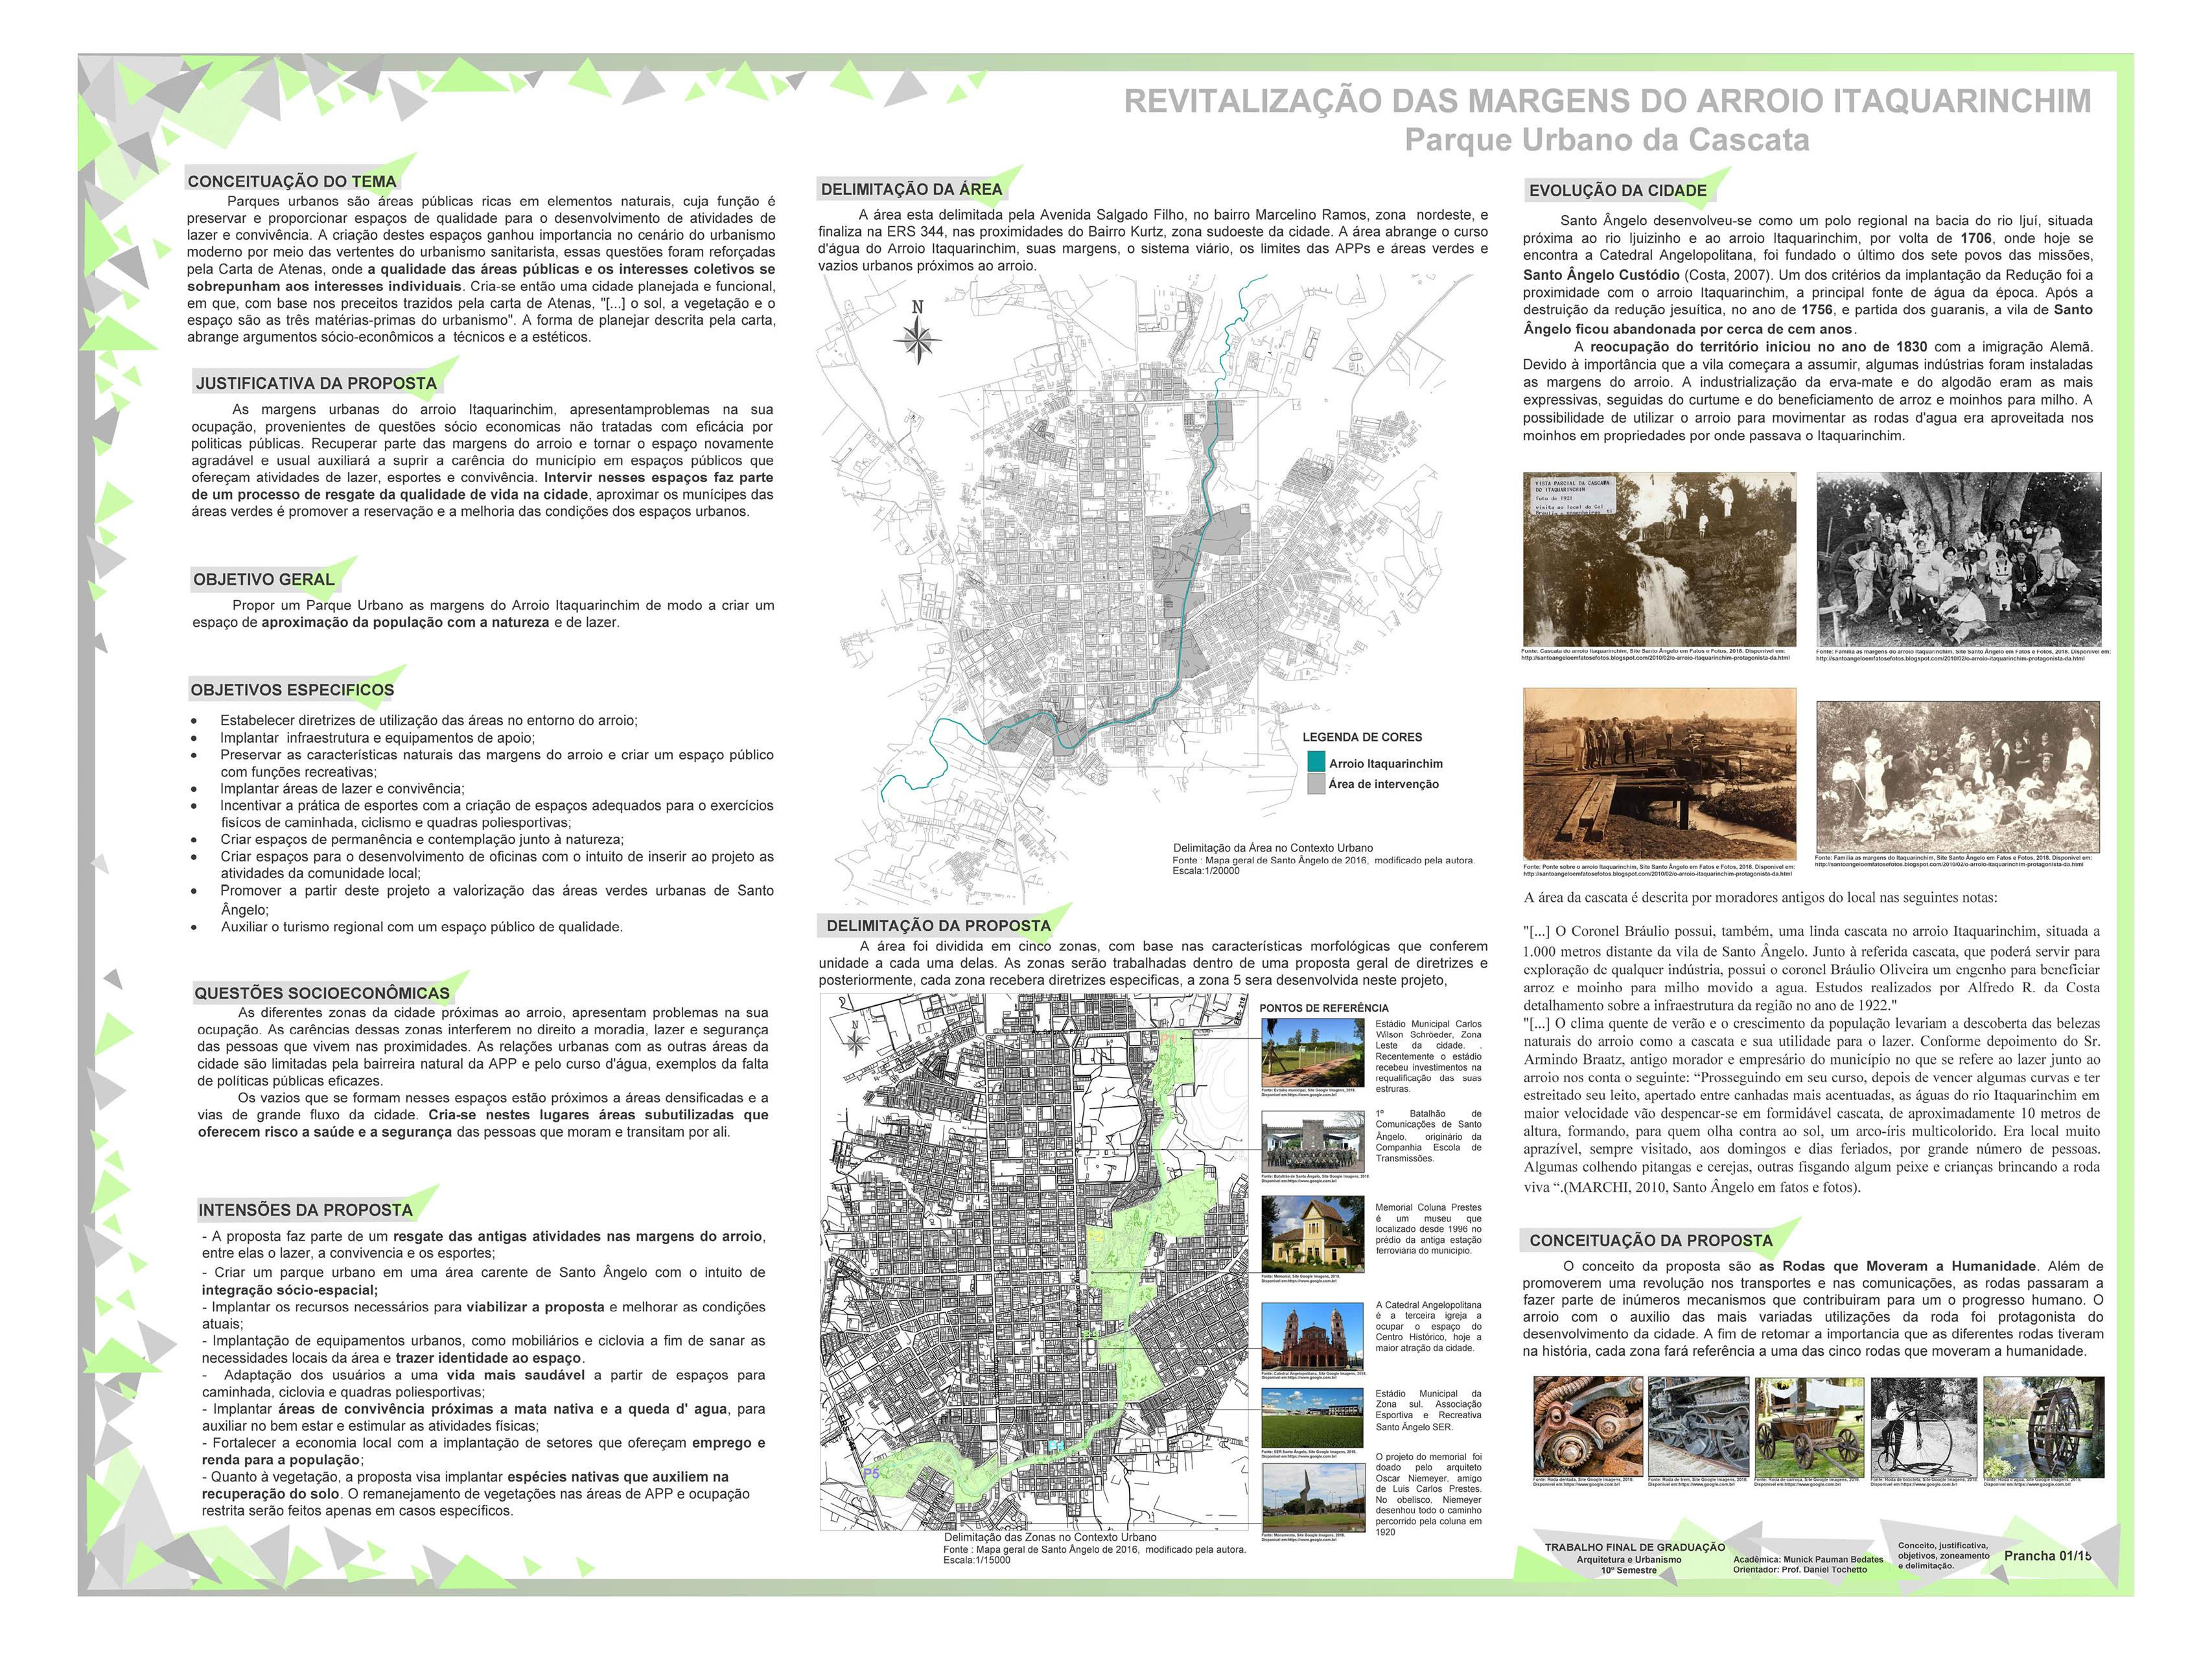 Revitalização das Margens do Arroio Itaquarinchim - Parque Urbano da Cascata (Copy)